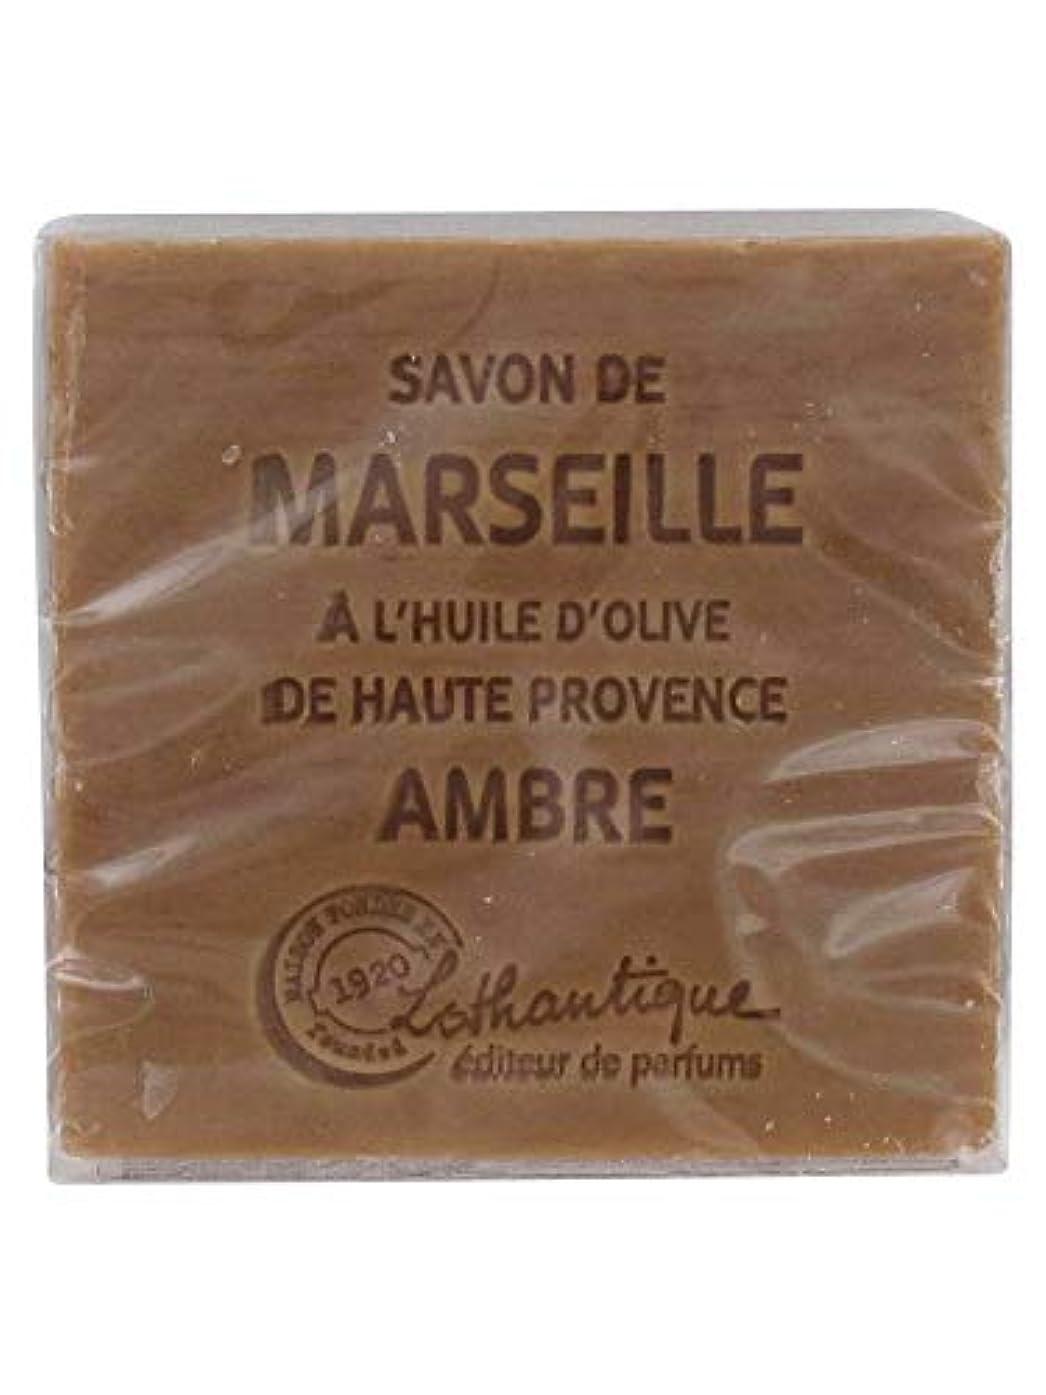 旅行代理店競合他社選手力学Lothantique(ロタンティック) Les savons de Marseille(マルセイユソープ) マルセイユソープ 100g 「アンバー」 3420070038012